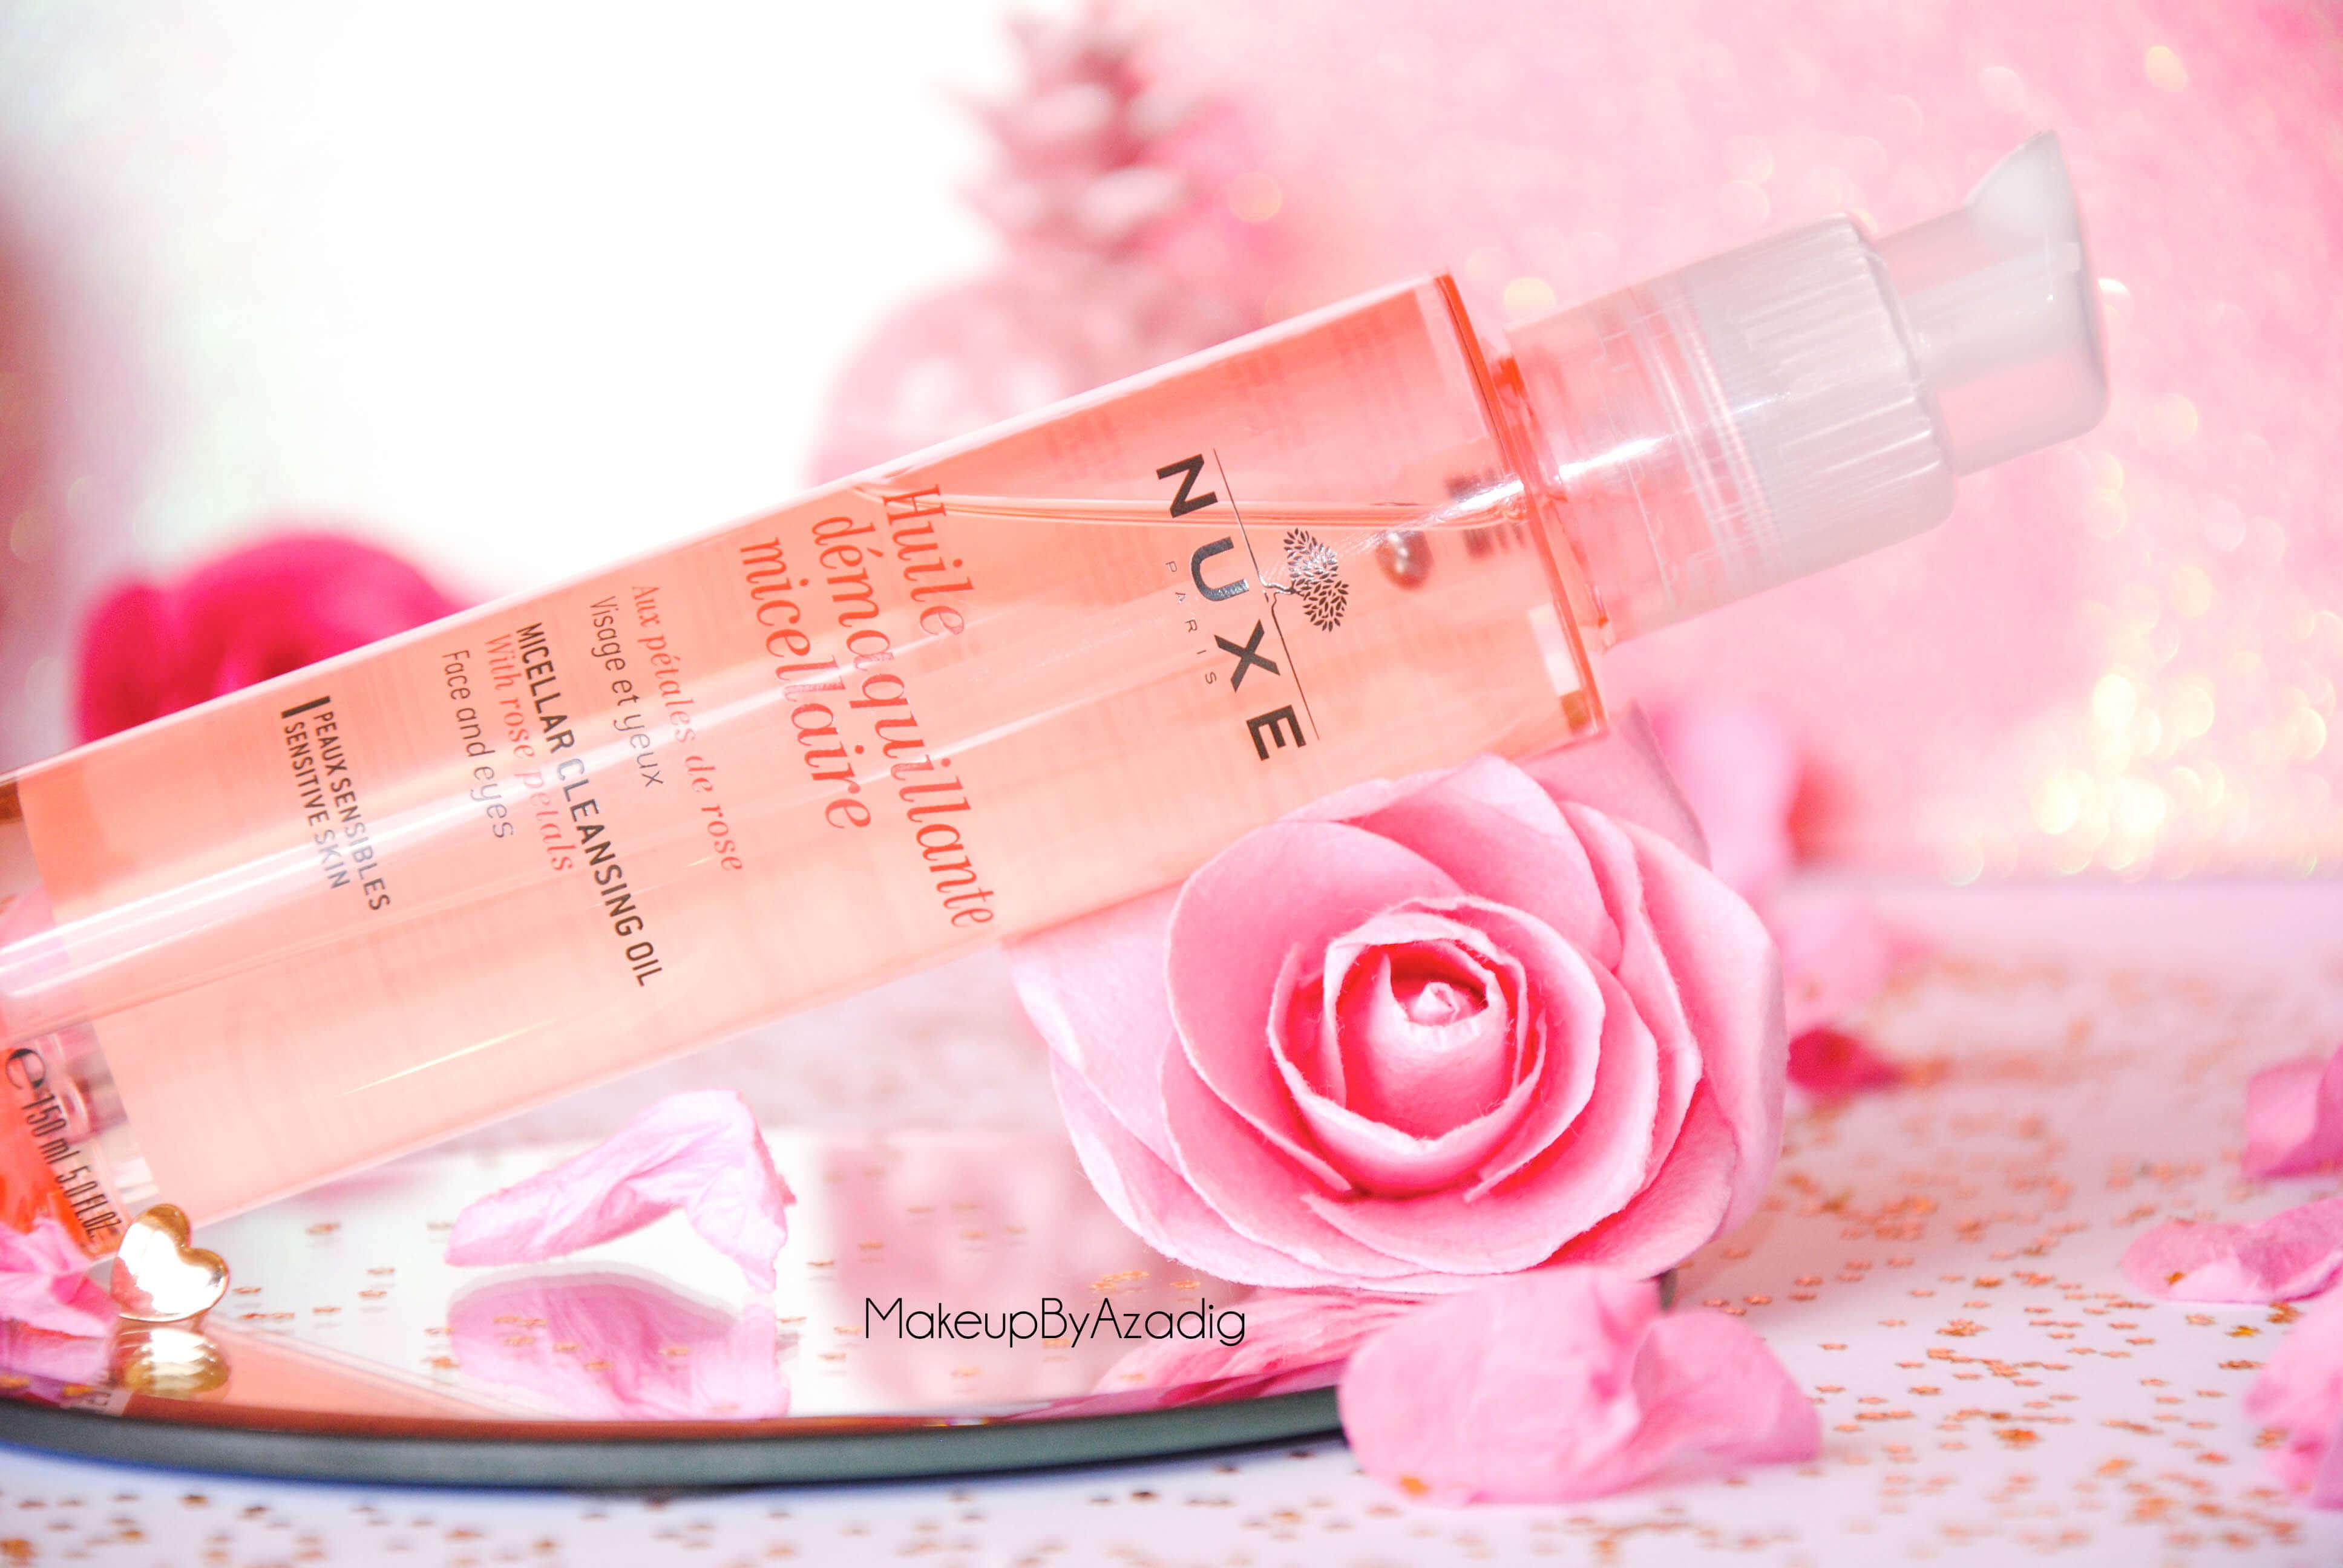 makeupbyazadig-huile-demaquillante-micellaire-nuxe-petales-de-rose-doctipharma-revue-avis-prix-soin